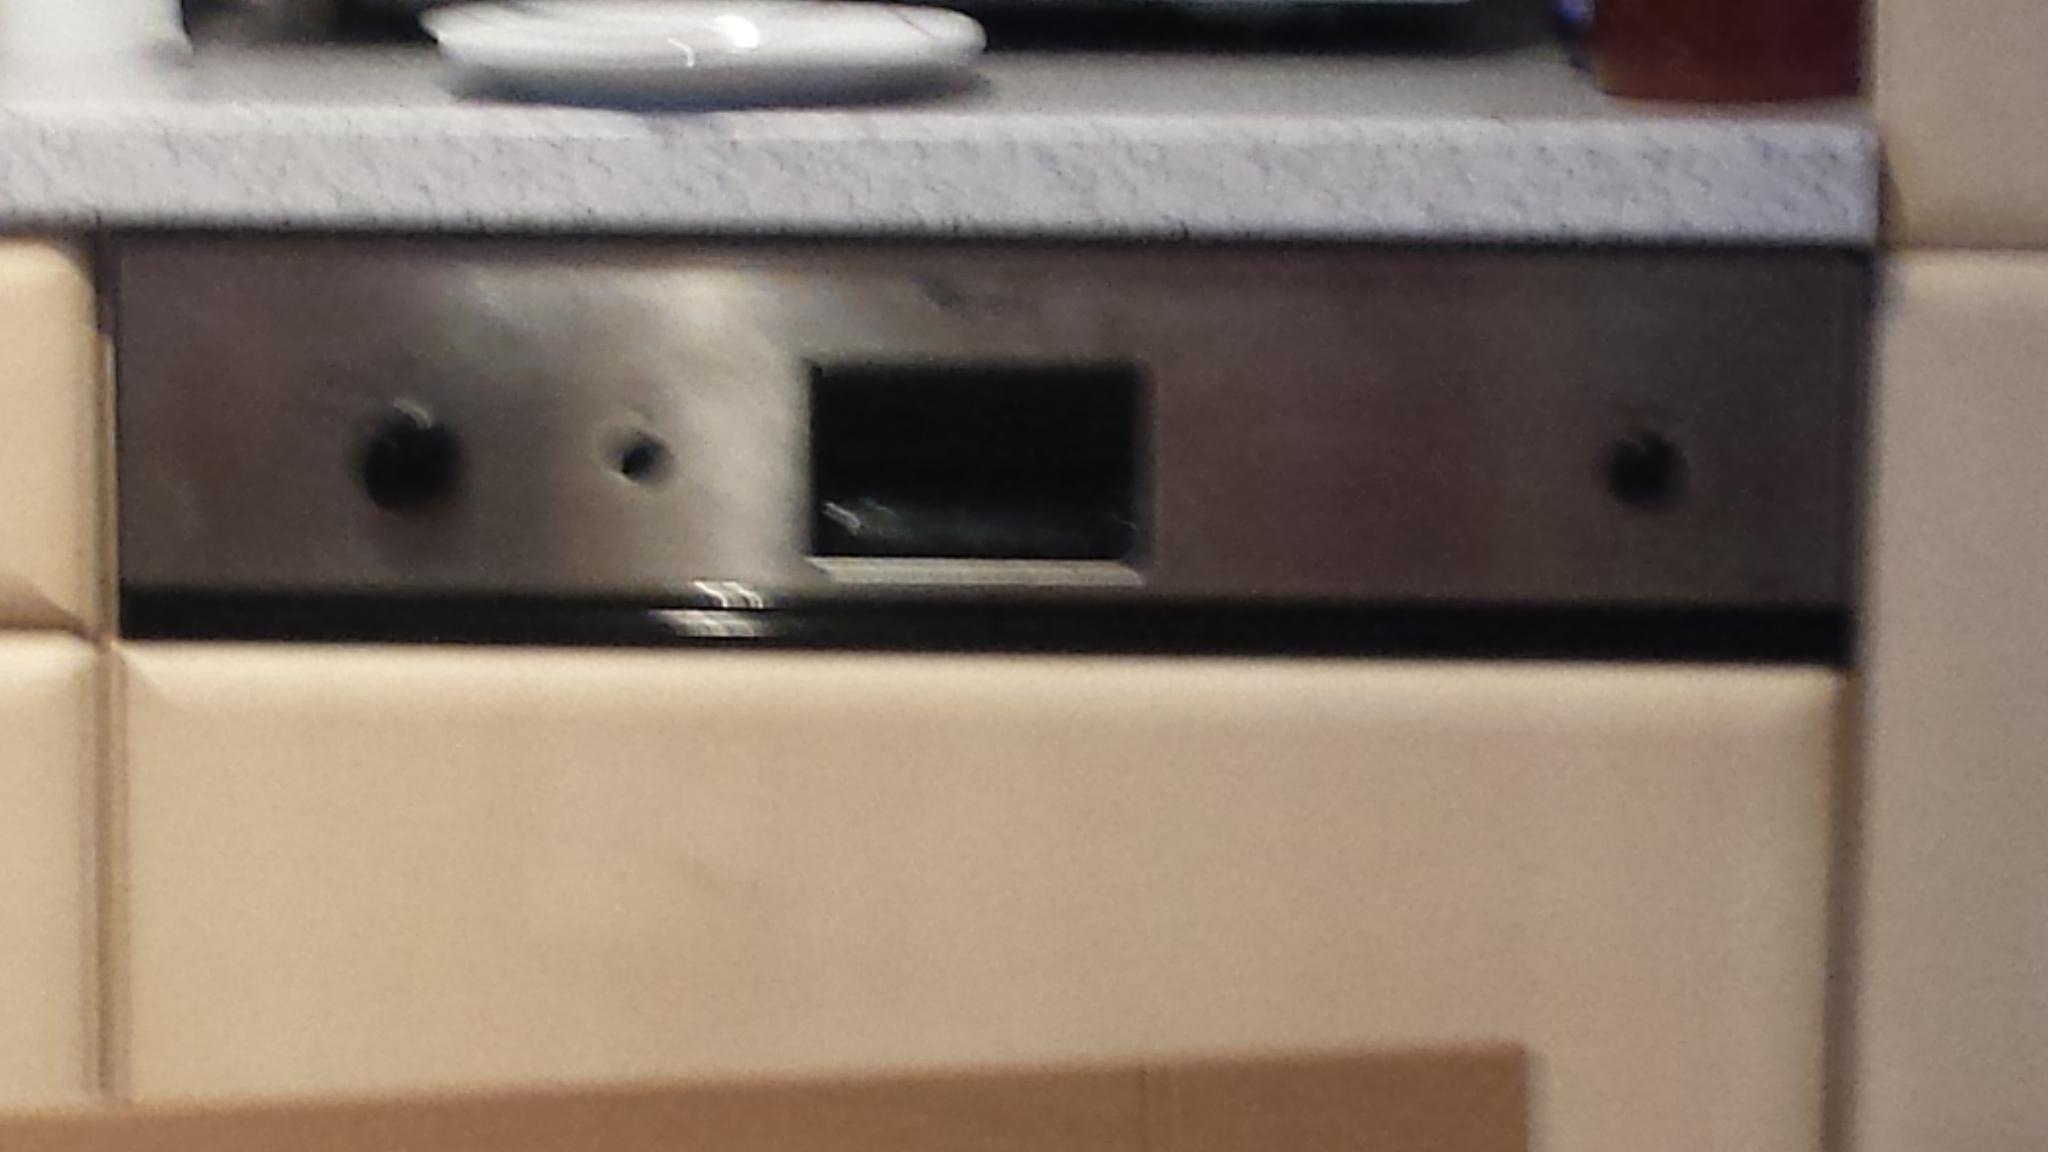 Siemens Kühlschrank Lampe Blinkt : Whirlpool geschirrspüler blinkt technik küche